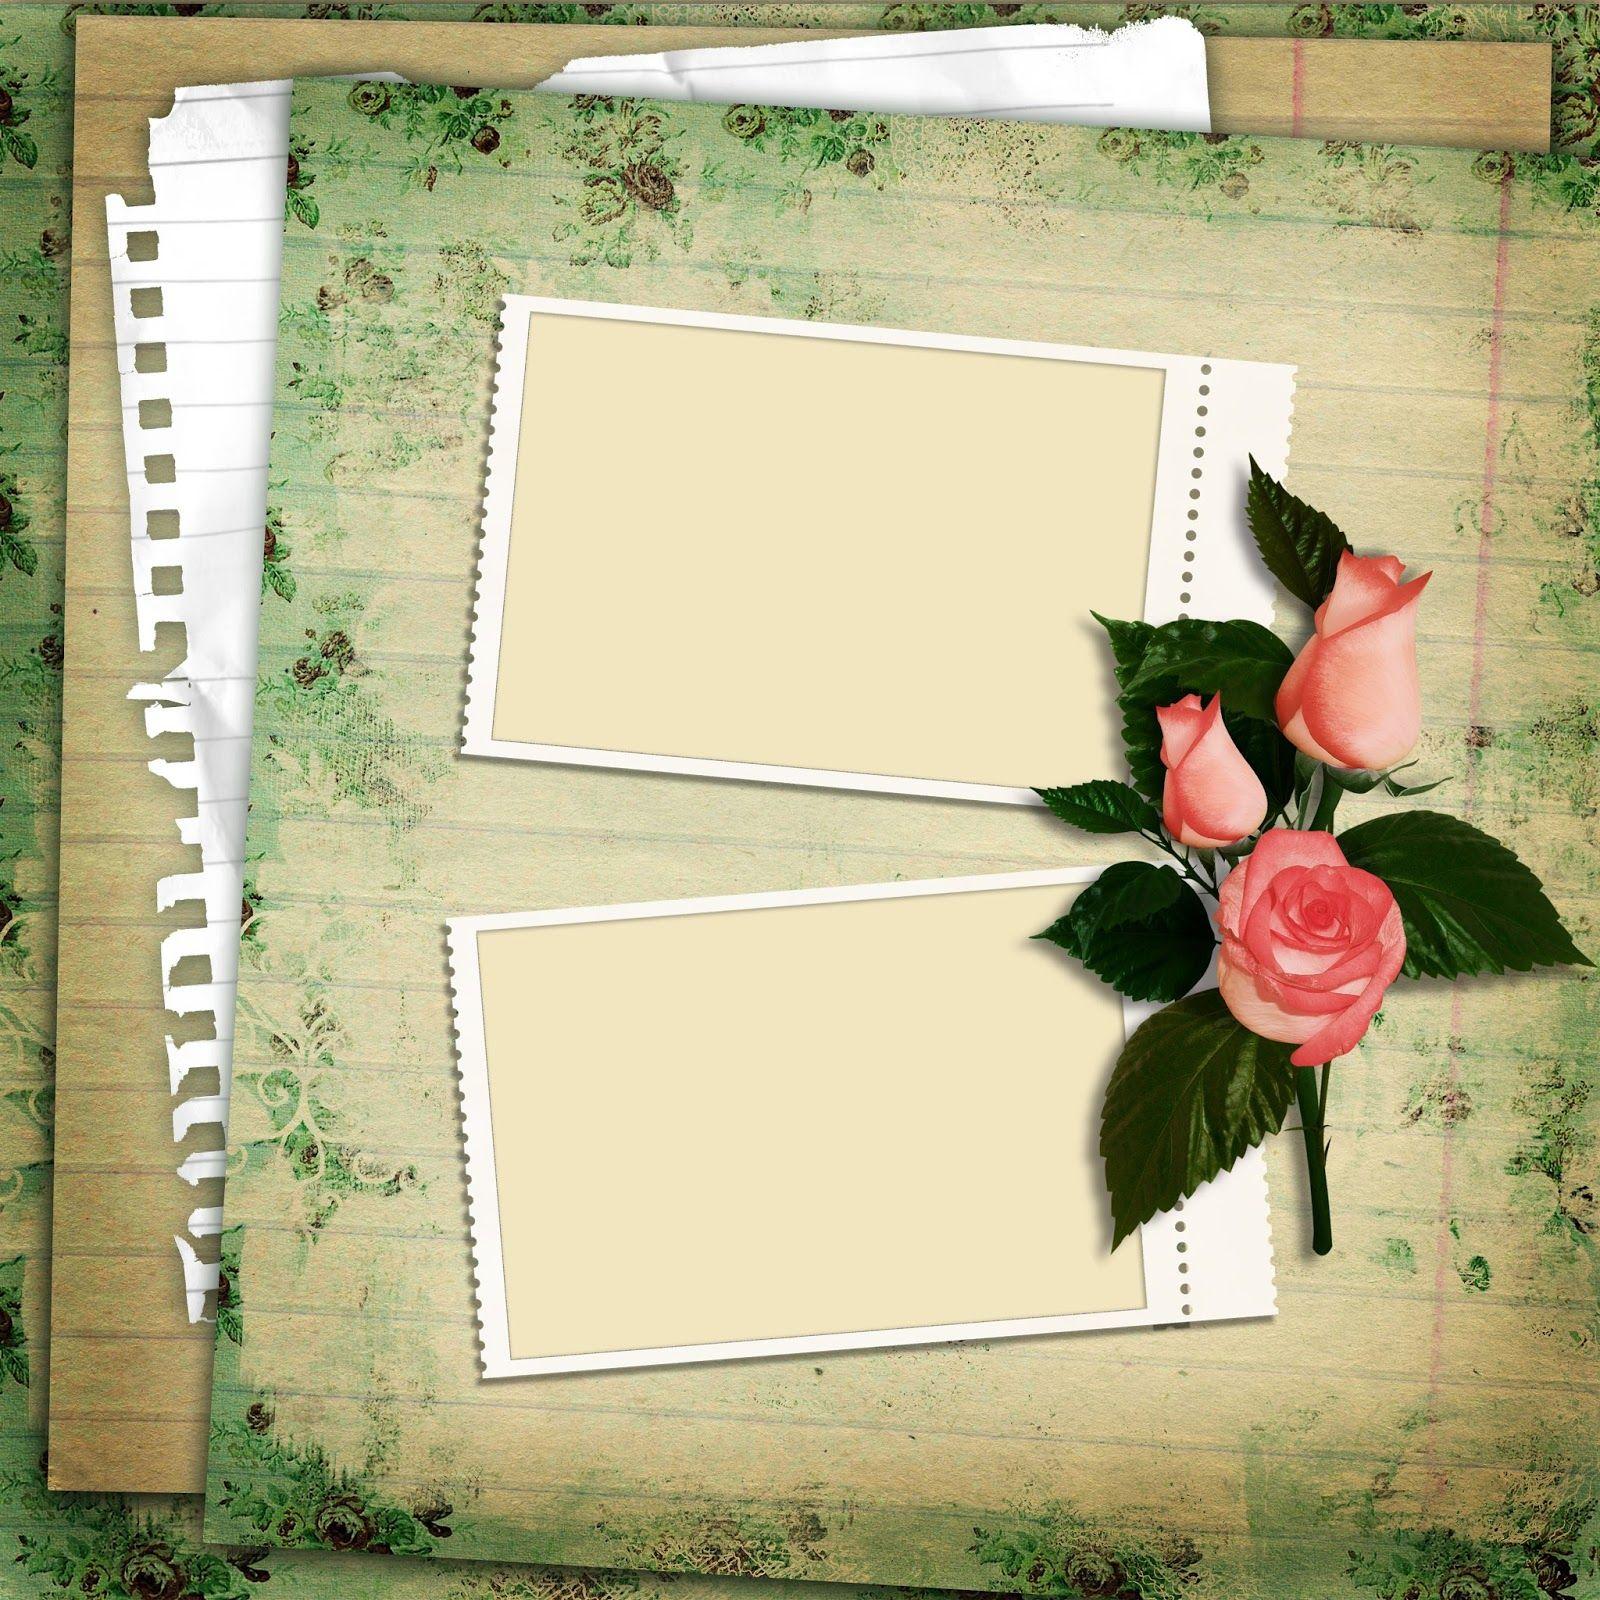 Notas para escribir tus mensajes con rosas | BANCO DE IMÁGENES Y ...